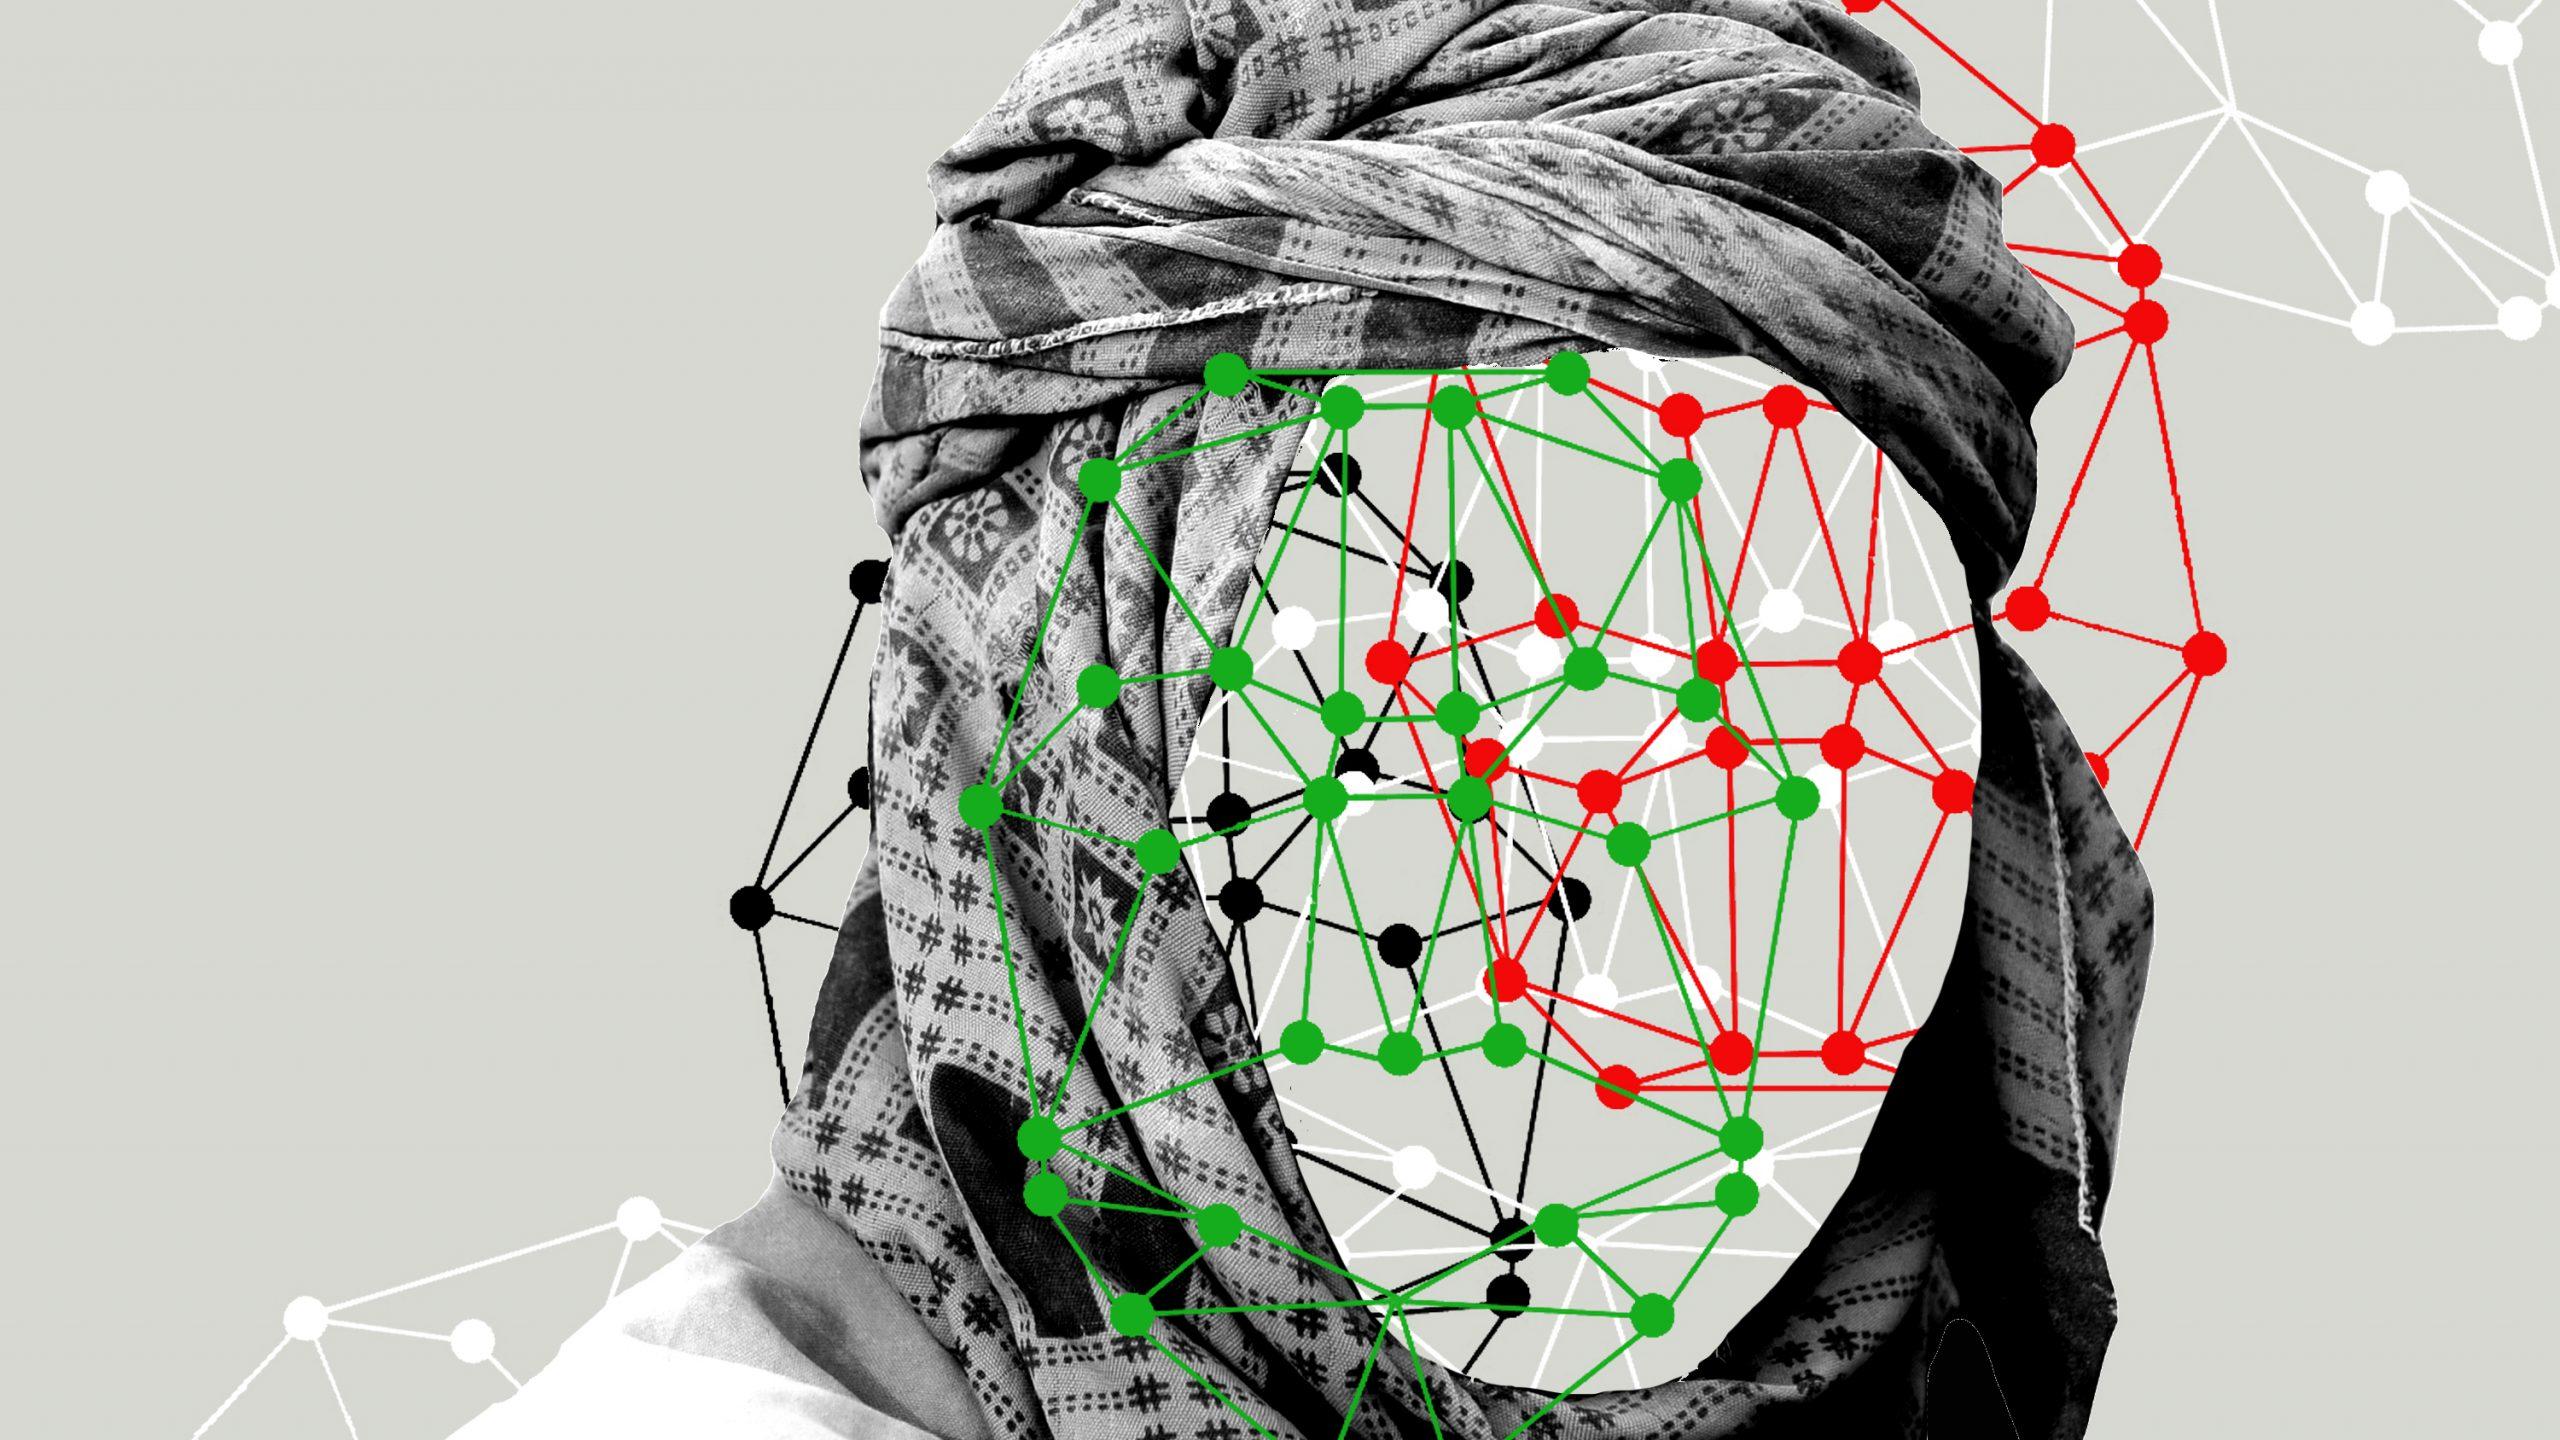 タリバンの手に渡った アフガン生体認証データ、 その恐るべき実態